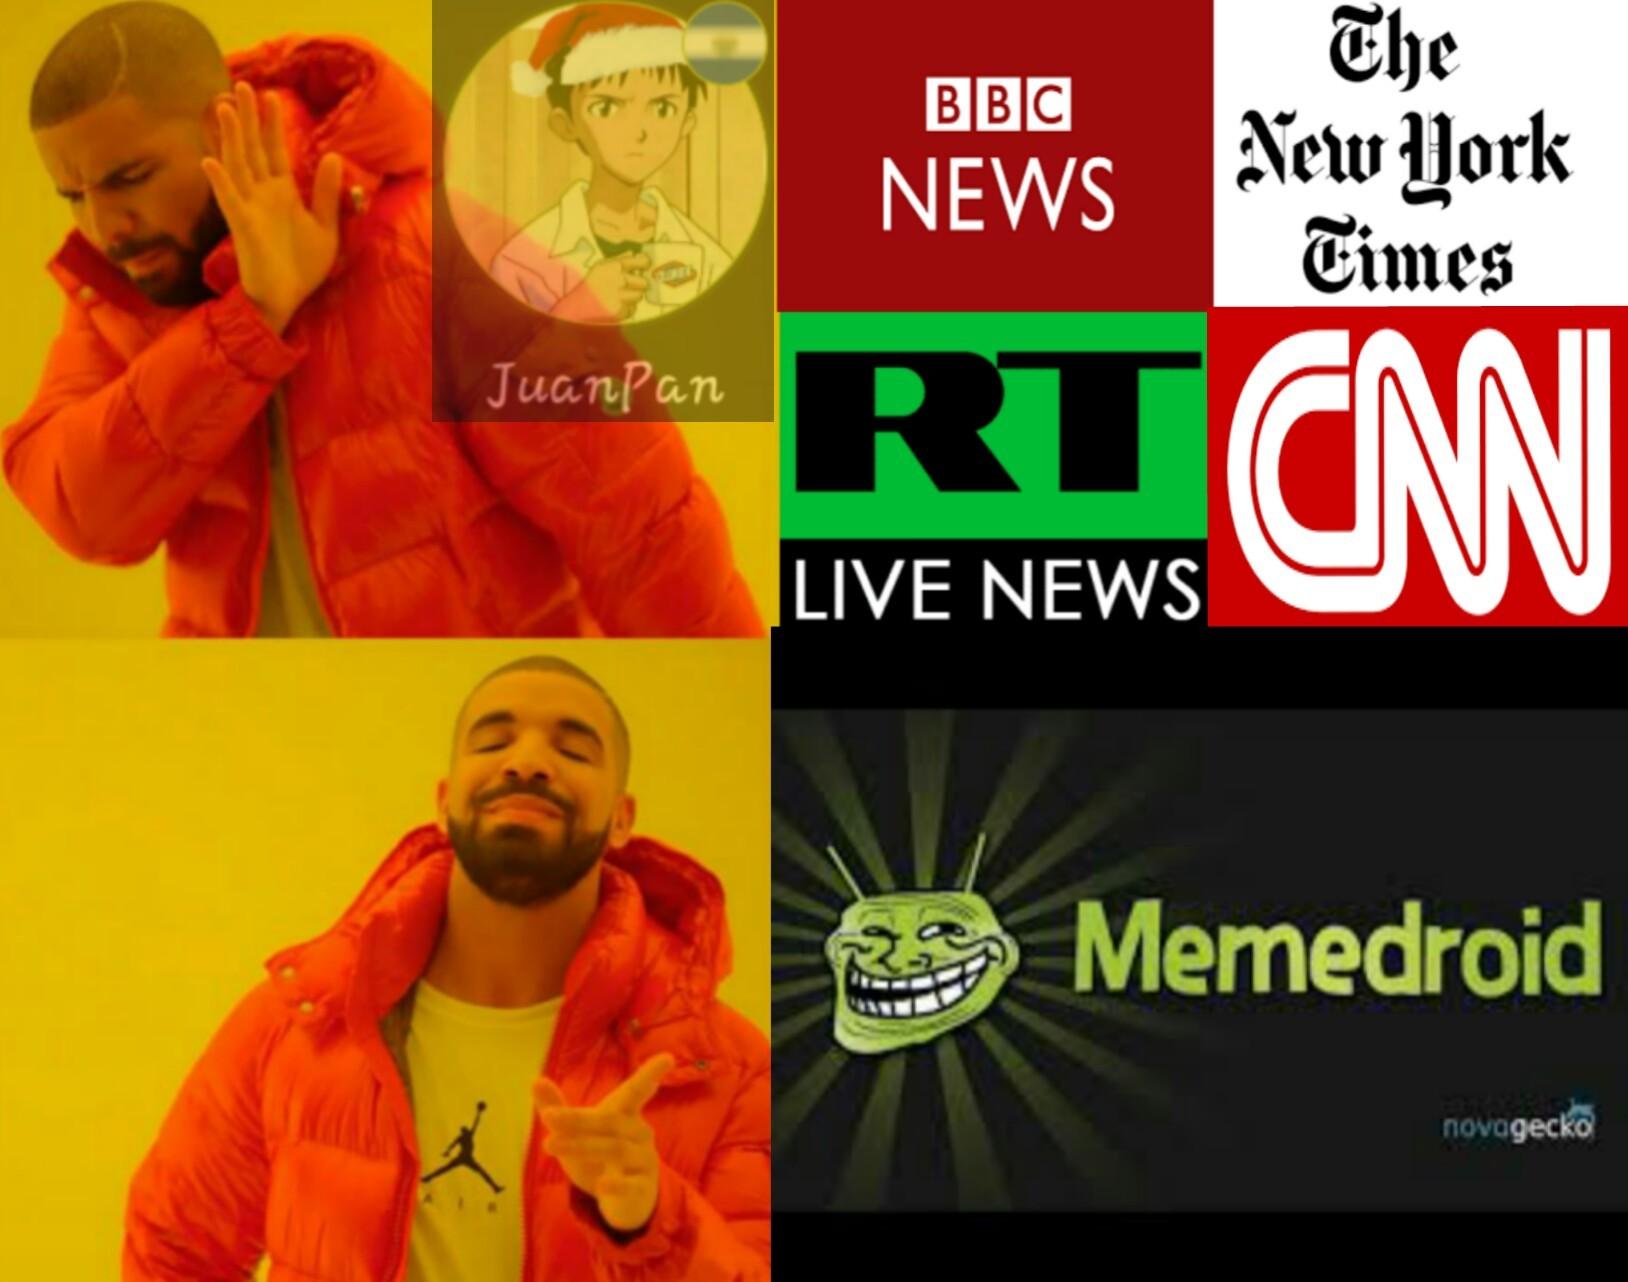 Cliché sin gracia - meme